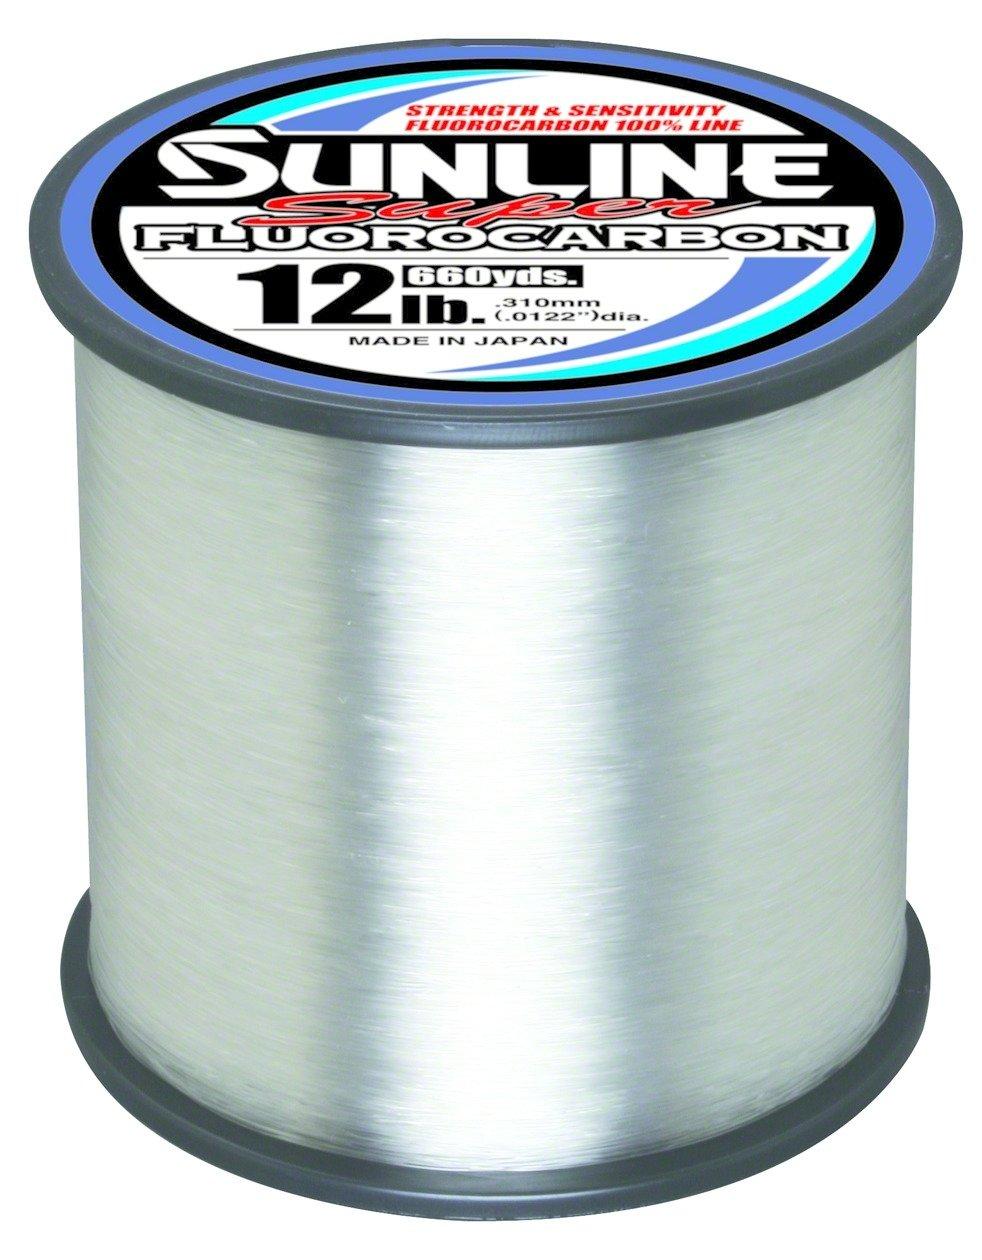 【正規販売店】 Sunline Sunline 63035884スーパーフッ素12 lb。スーパーフッ素、クリア、660 yd B00FPQPZYK B00FPQPZYK, メガネコンタクトの@style:a4668bd8 --- a0267596.xsph.ru